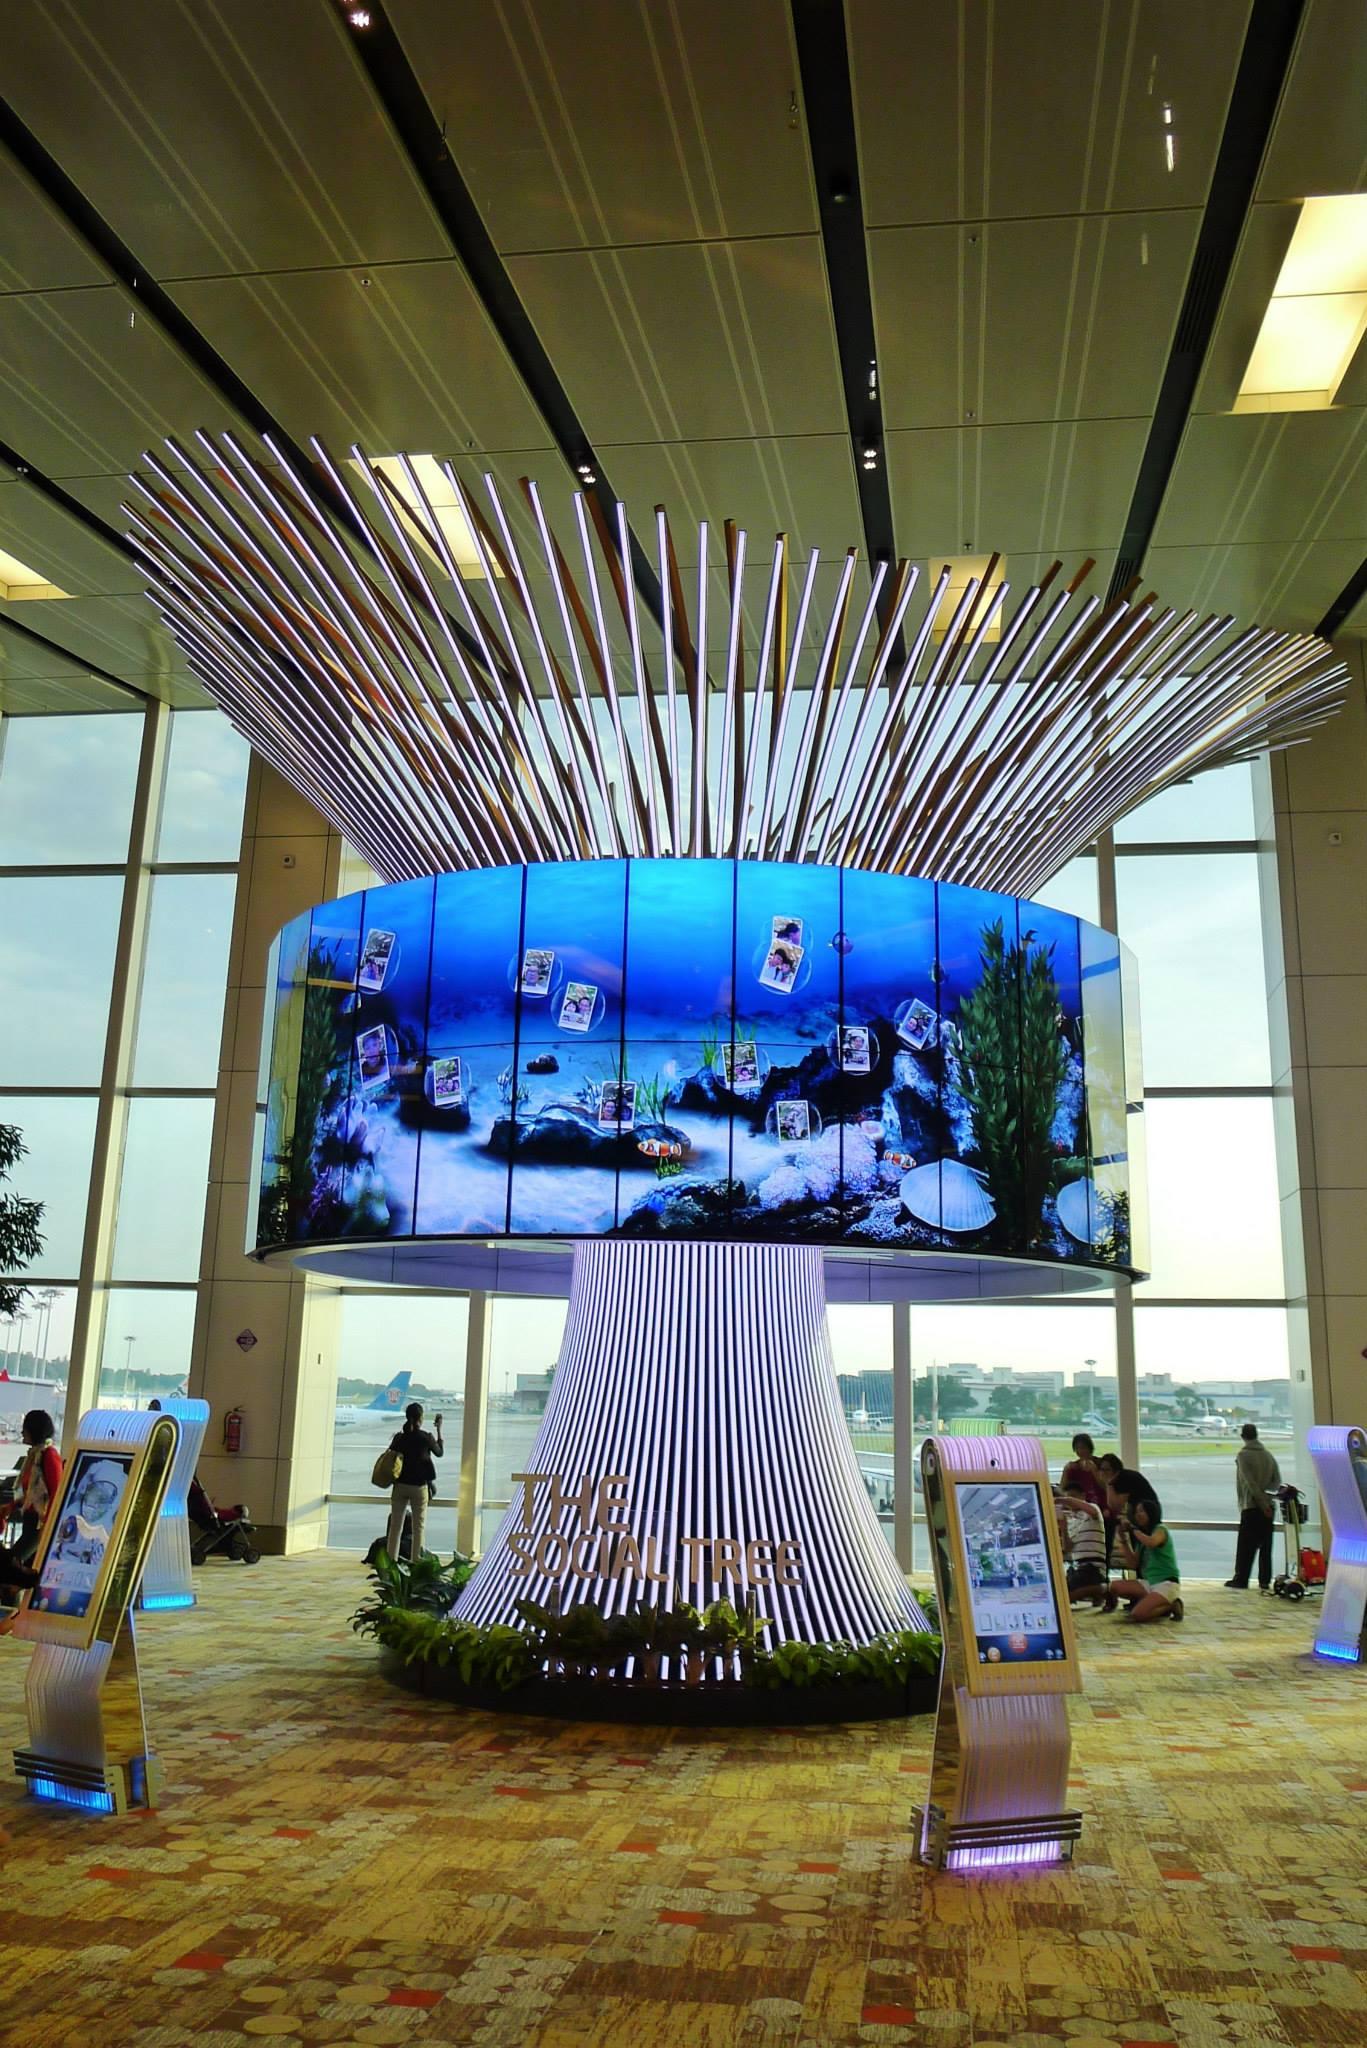 Menggunakan booth tersebut, pengguna bisa mengunggah foto maupun video ke akun media sosial mereka. (Foto: KeJia - Changi International Airport)